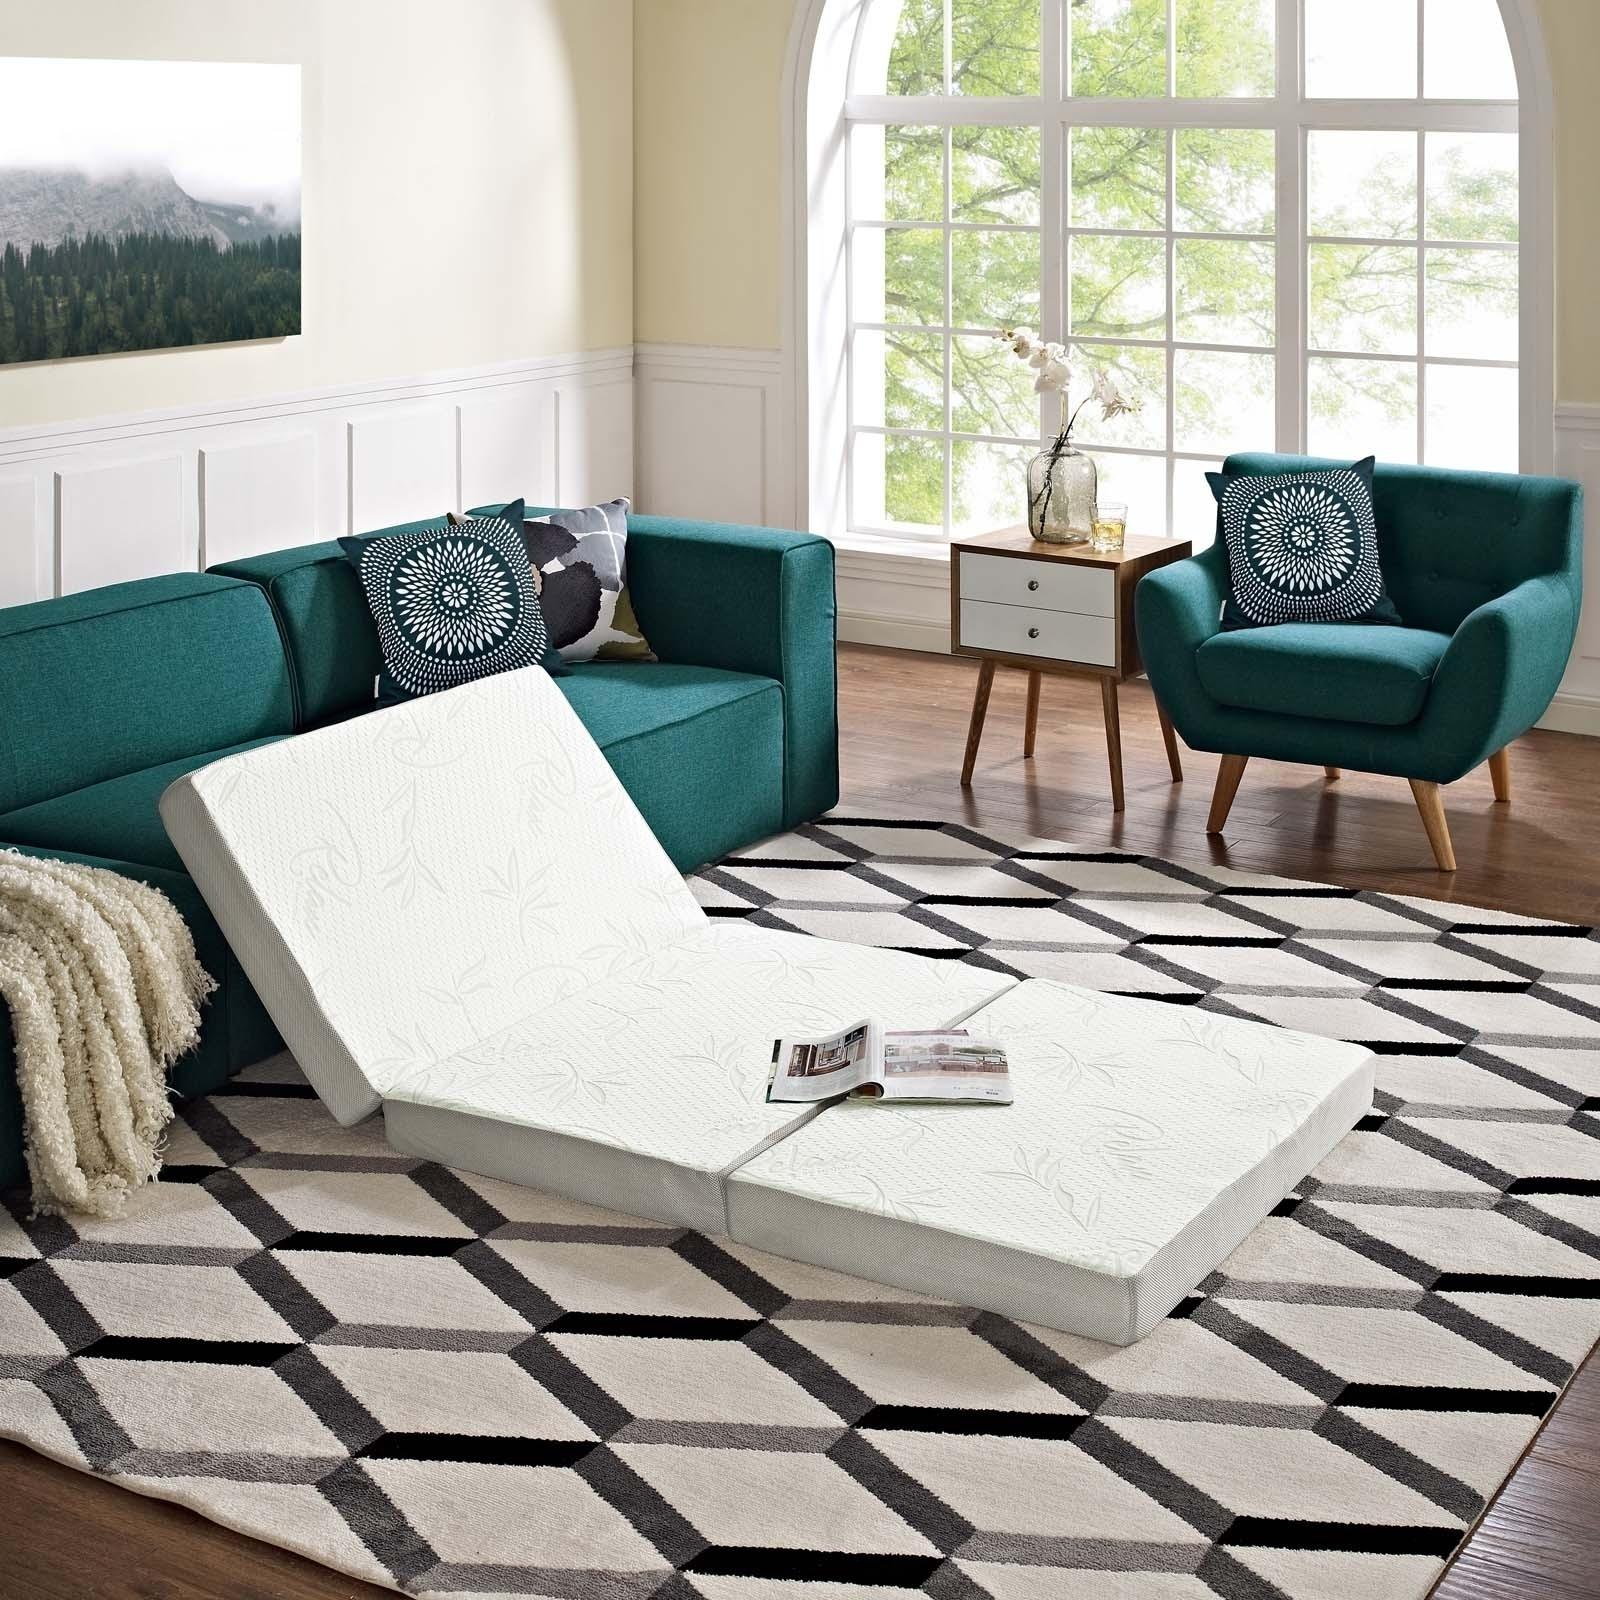 Relax 39 x 80 x 4 (Twin XL) Tri-Fold Mattress Topper & Shop Relax 39 x 80 x 4 (Twin XL) Tri-Fold Mattress Topper - Free ...